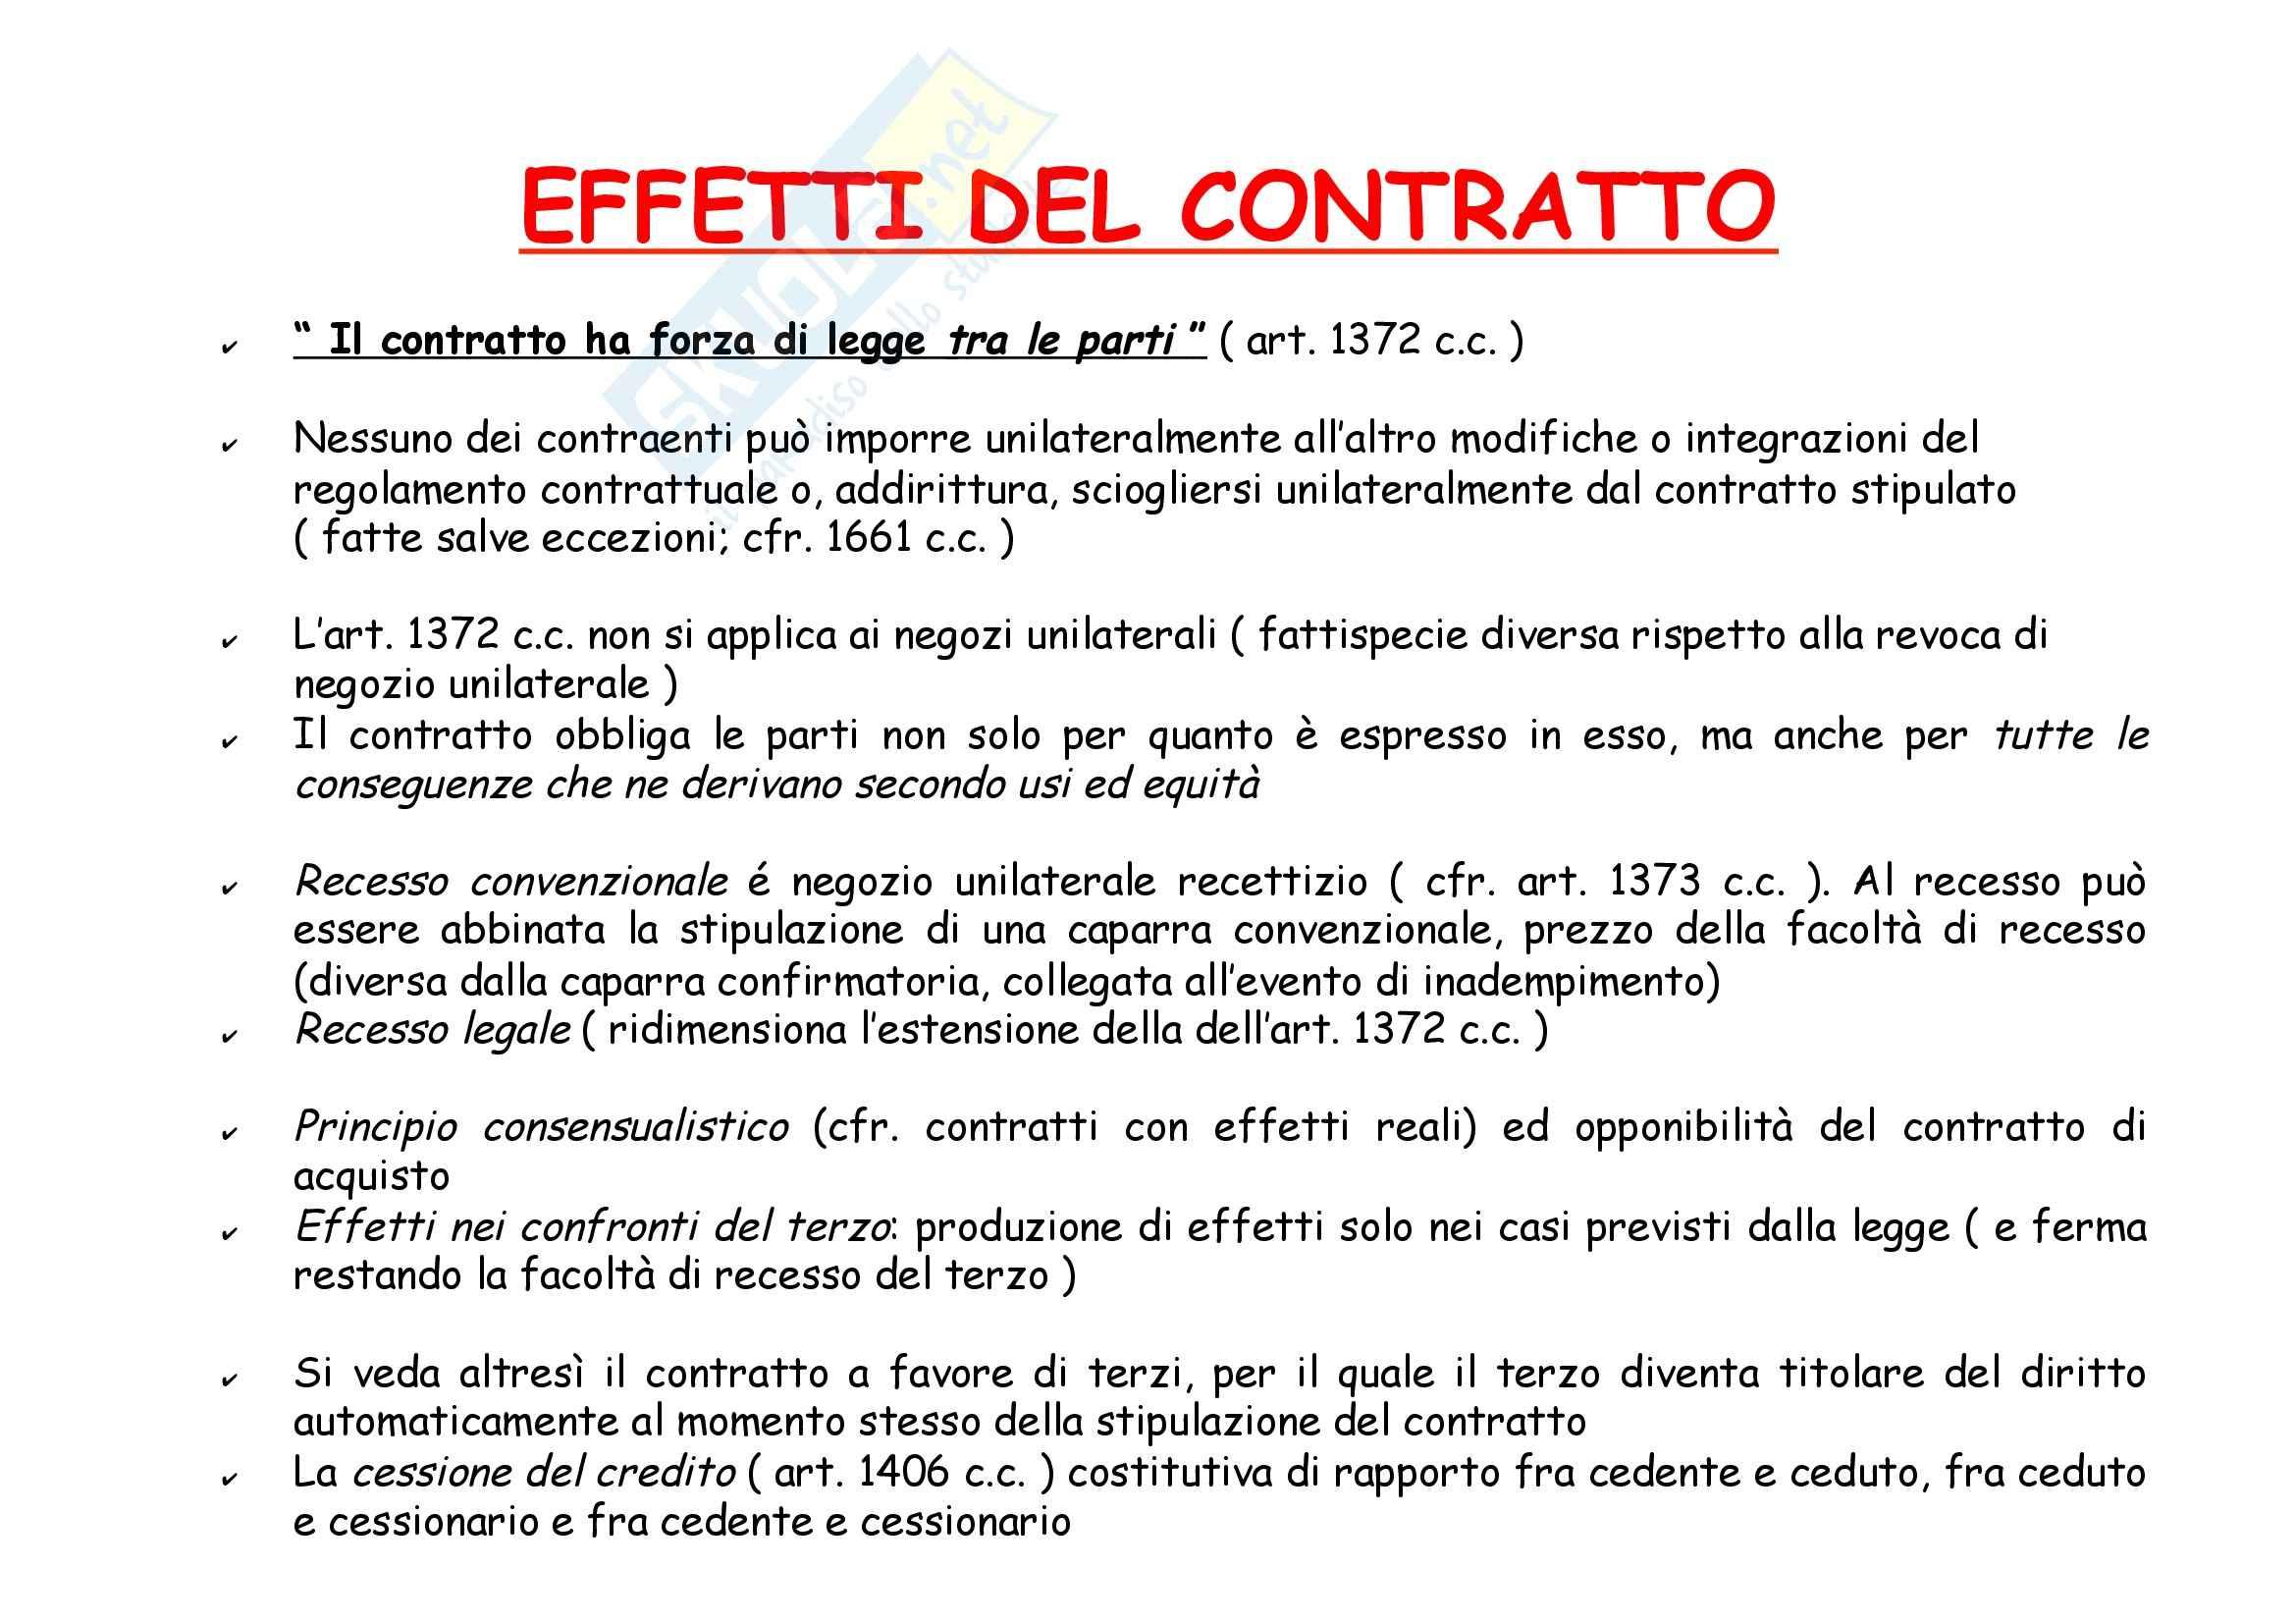 Diritto privato 1 - Il contratto Pag. 26